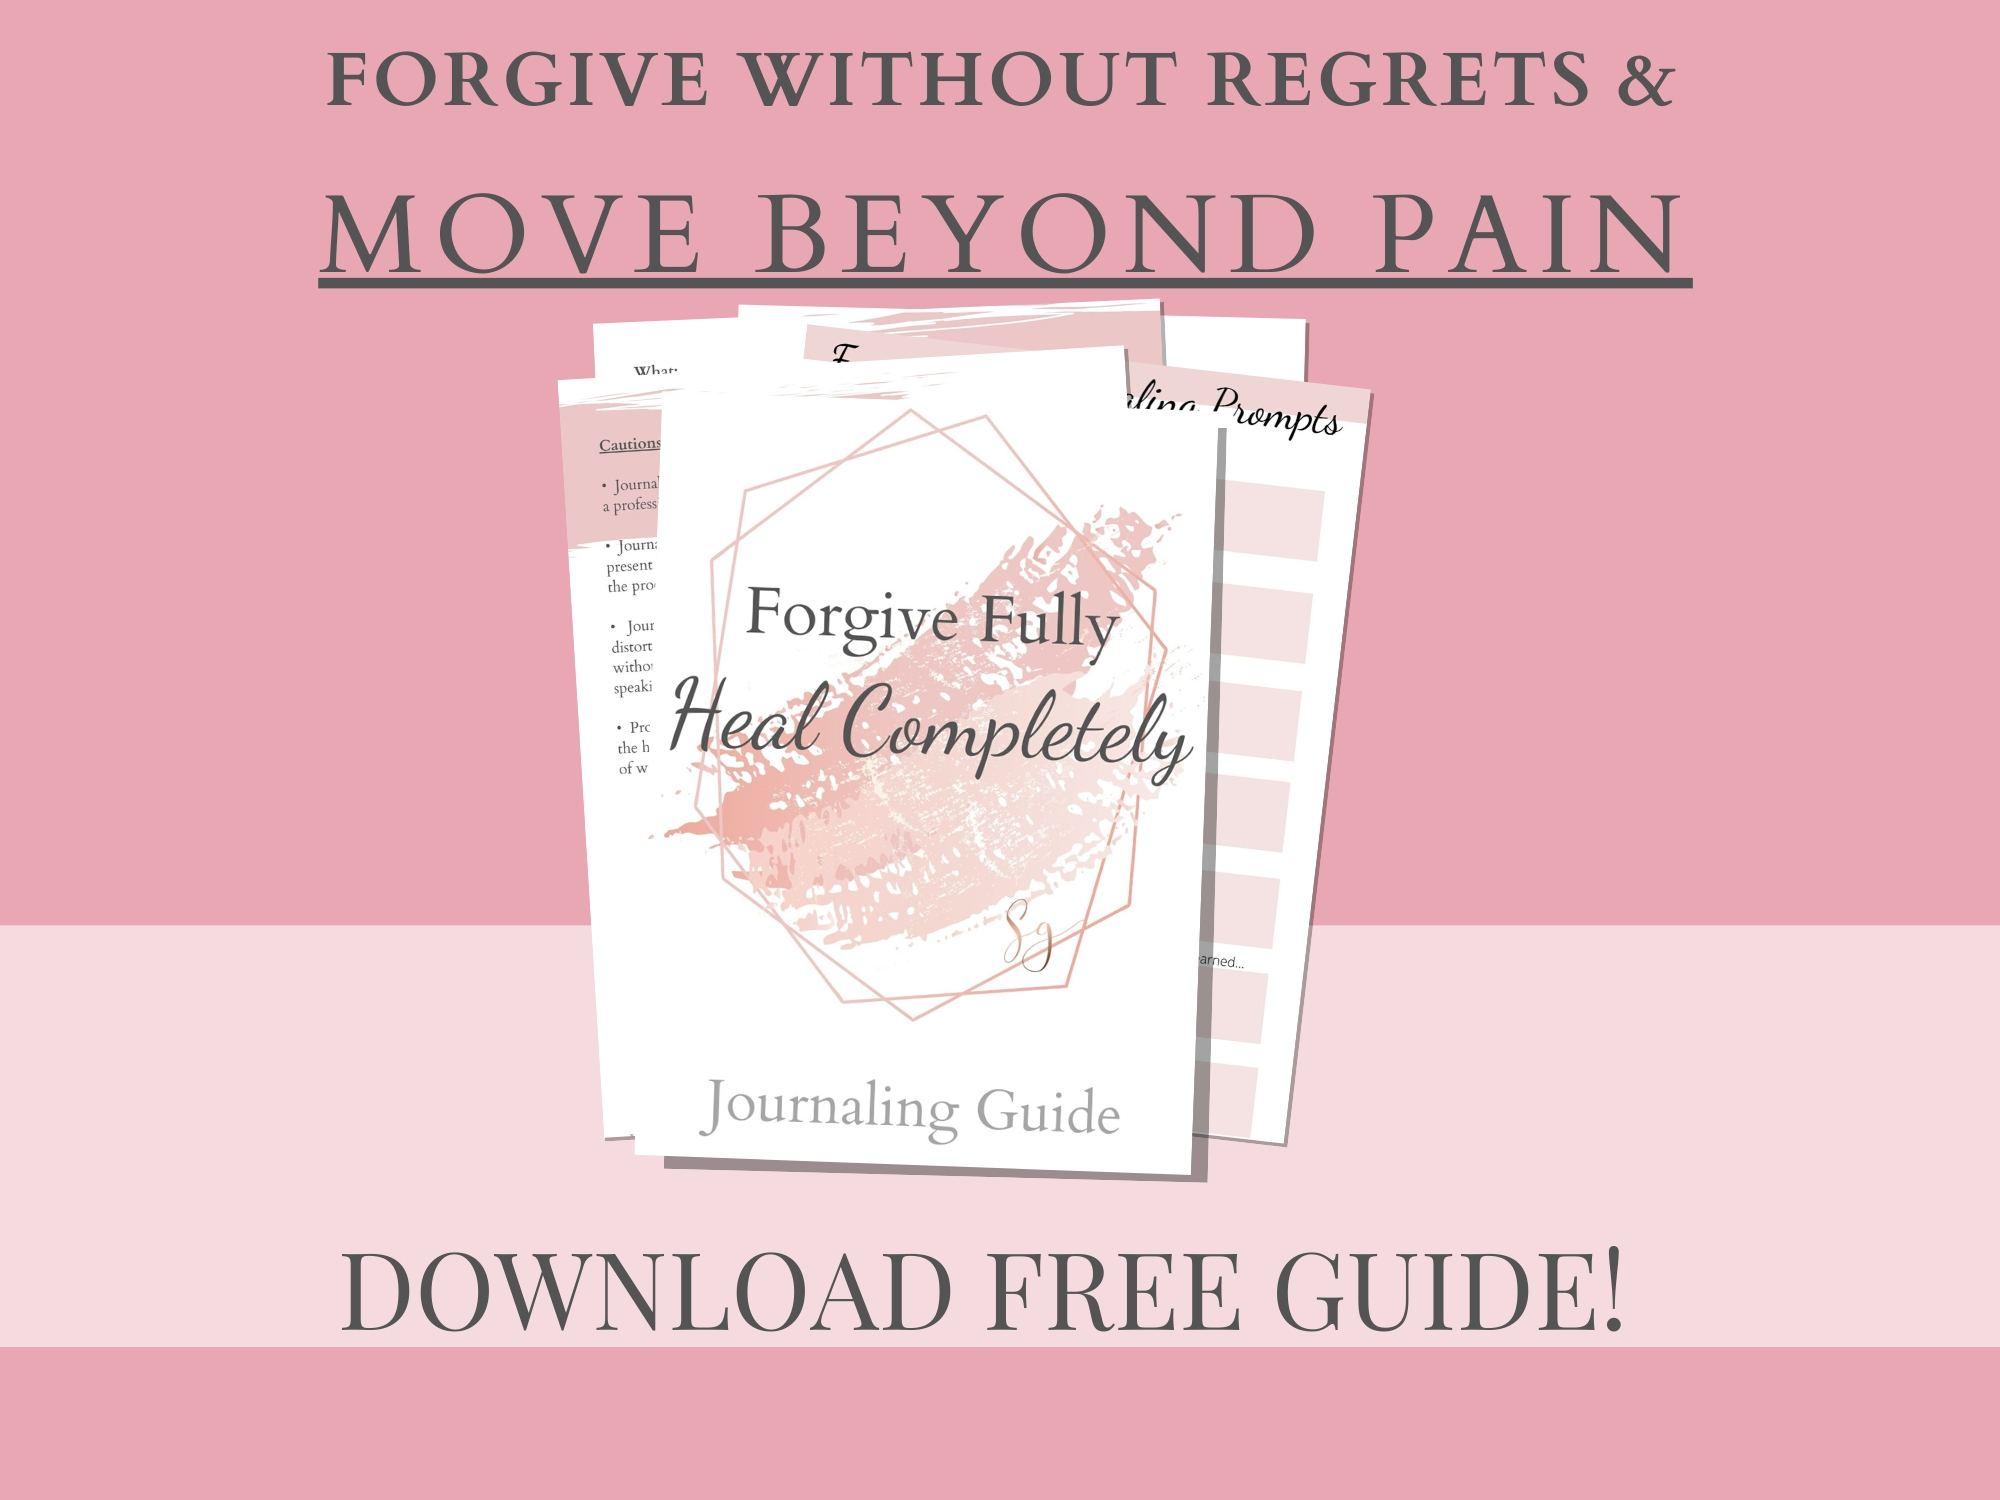 FREE Forgiveness & Healing Guide